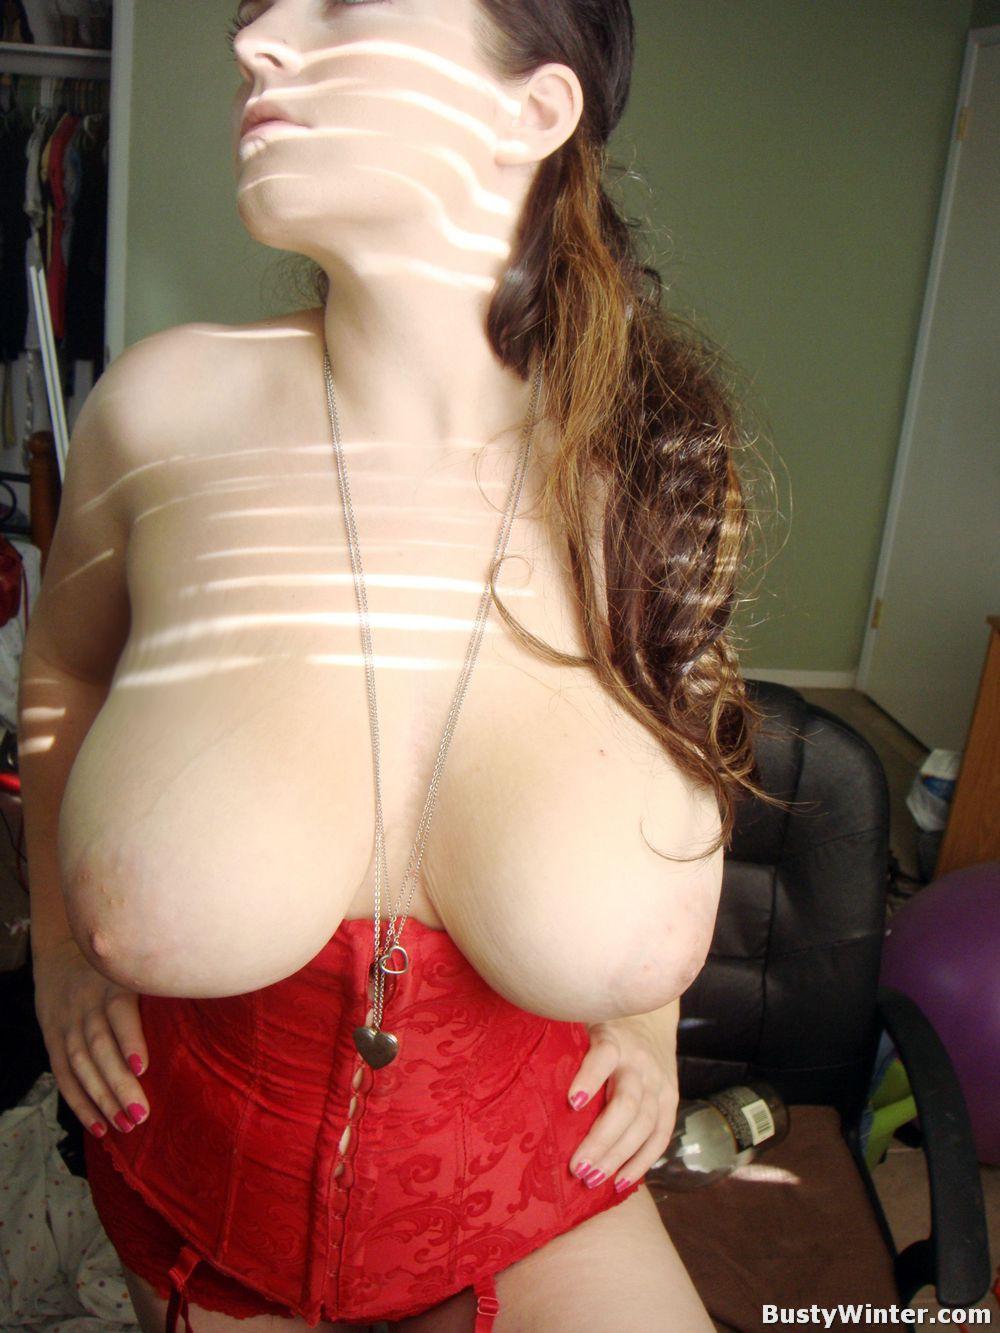 http://3.bp.blogspot.com/-3eo3k8m7rKI/UNDY_JjC_BI/AAAAAAAAETA/irM_-c8s8R8/s1600/WINTER+PIERZINA+busty+amaterur+nude+at+www.tetas-enormes.blogspot.com+Huge+tits+8.jpg